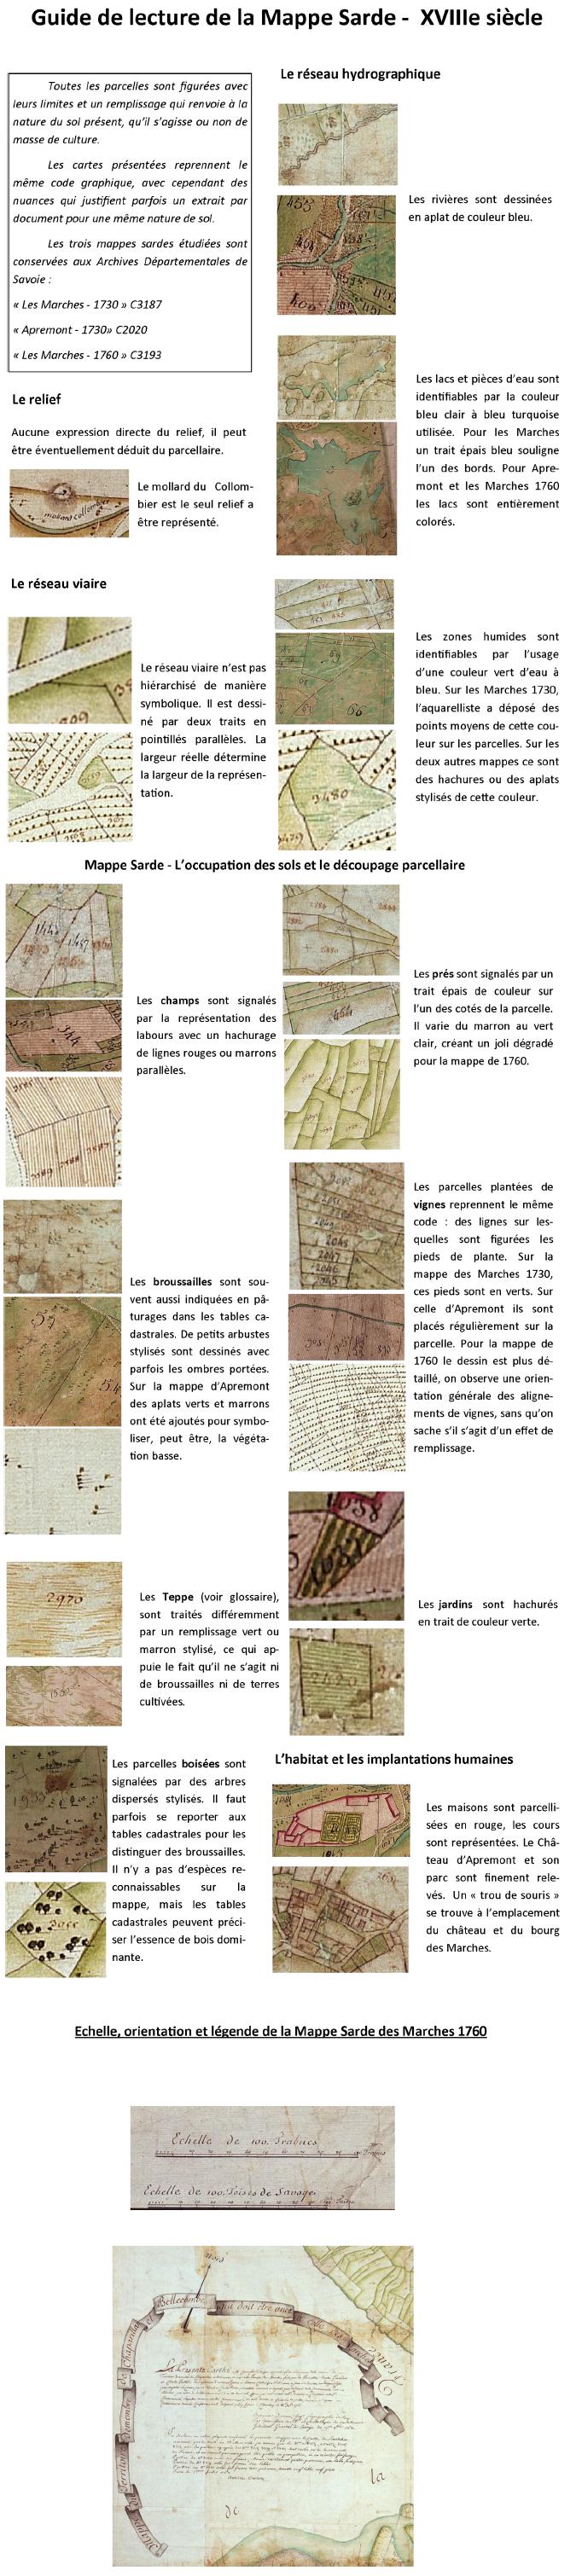 Guide de lecture de la Mappe Sarde - XVIIIe siècle